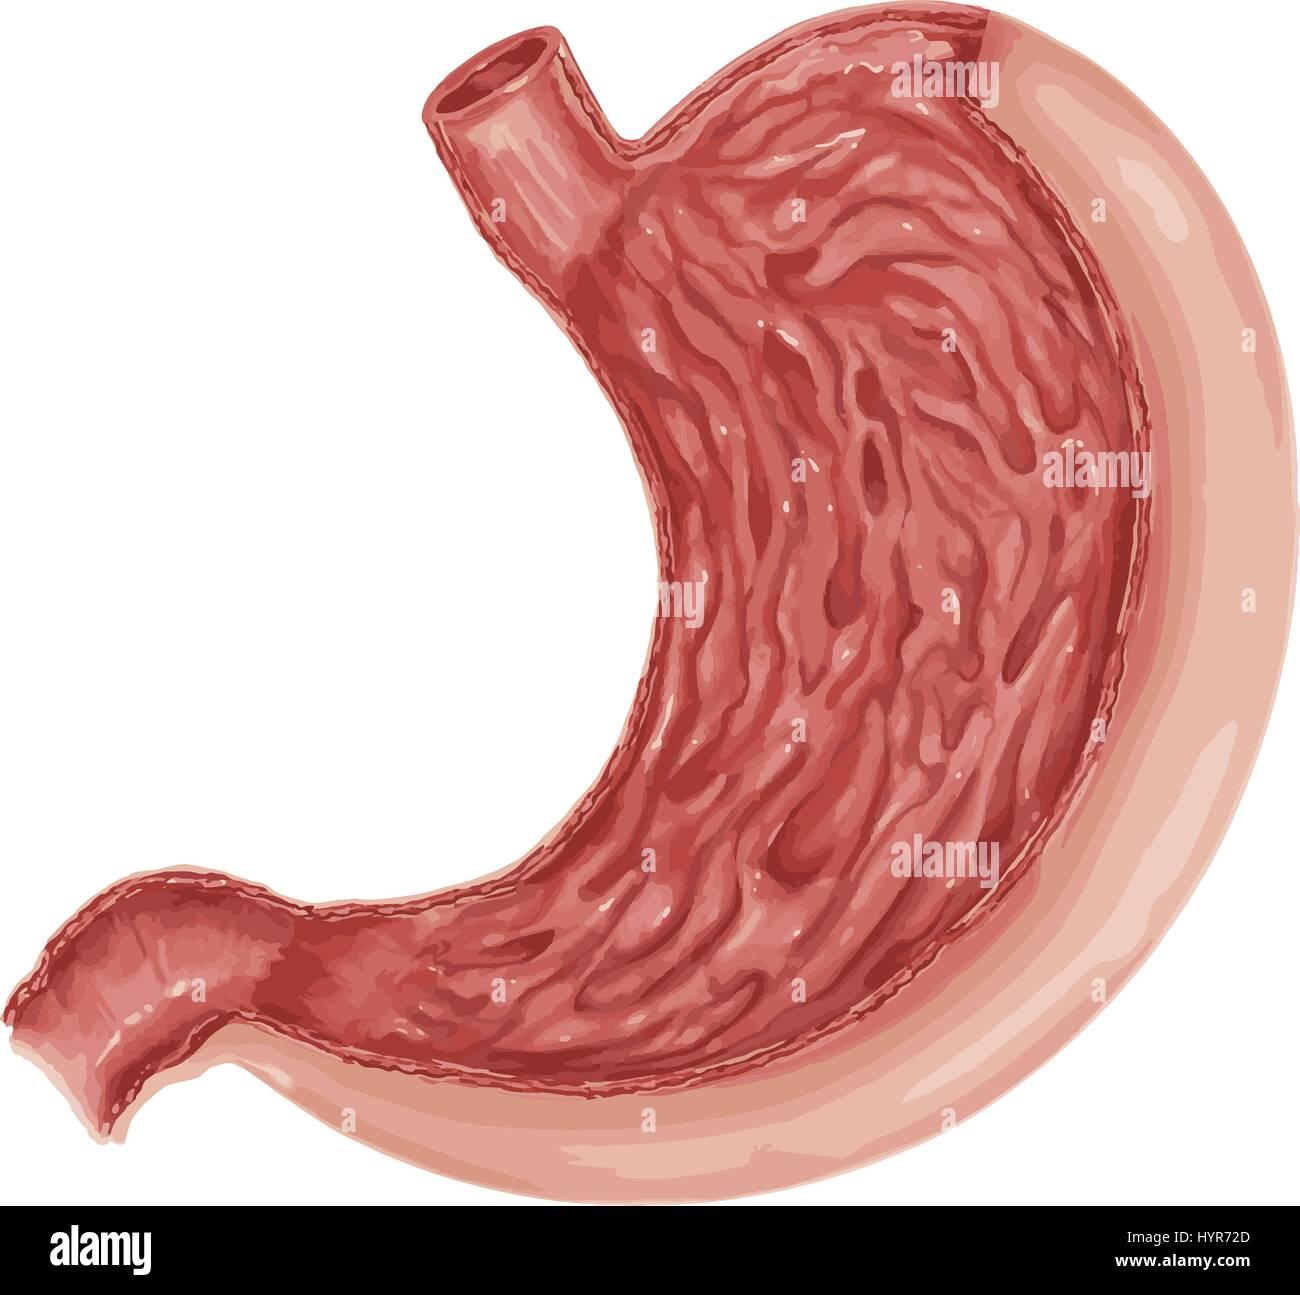 Ejemplo de diagrama de la anatomía del estómago humano Ilustración ...